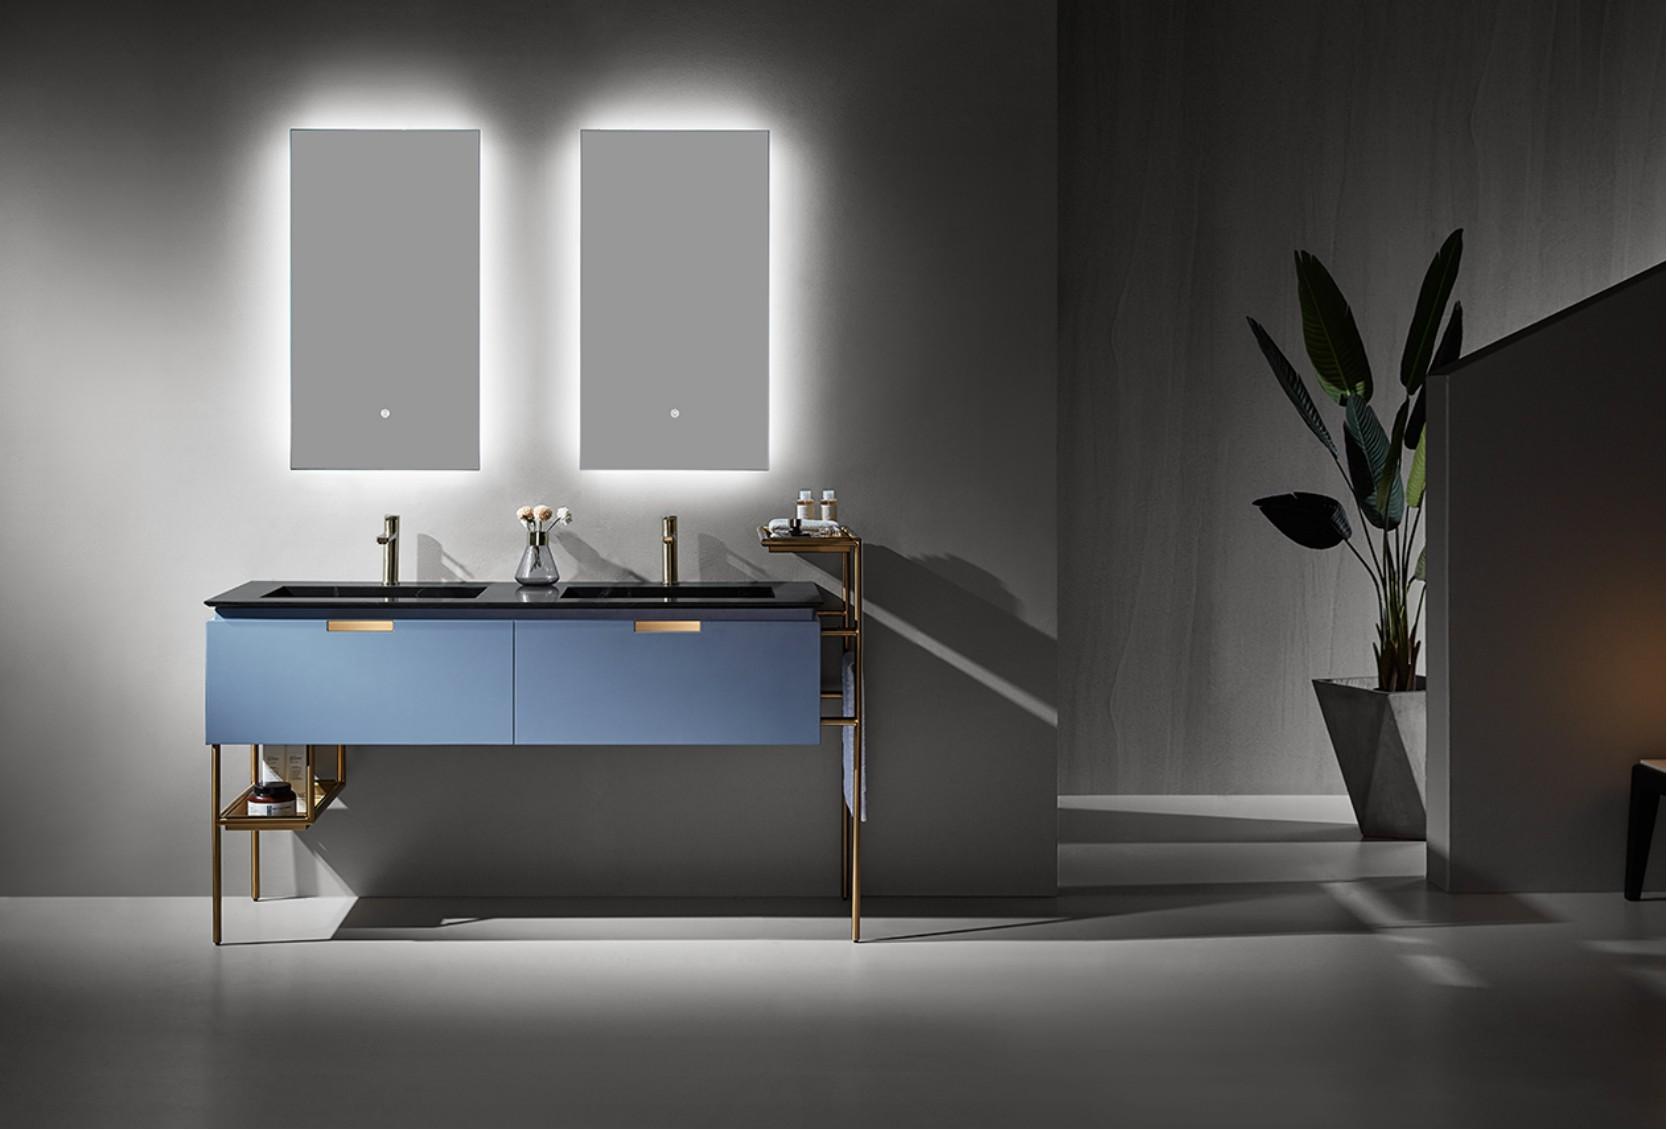 蒂高卫浴实木定制浴室柜品牌IP实力圈粉,高颜值+硬核实力!